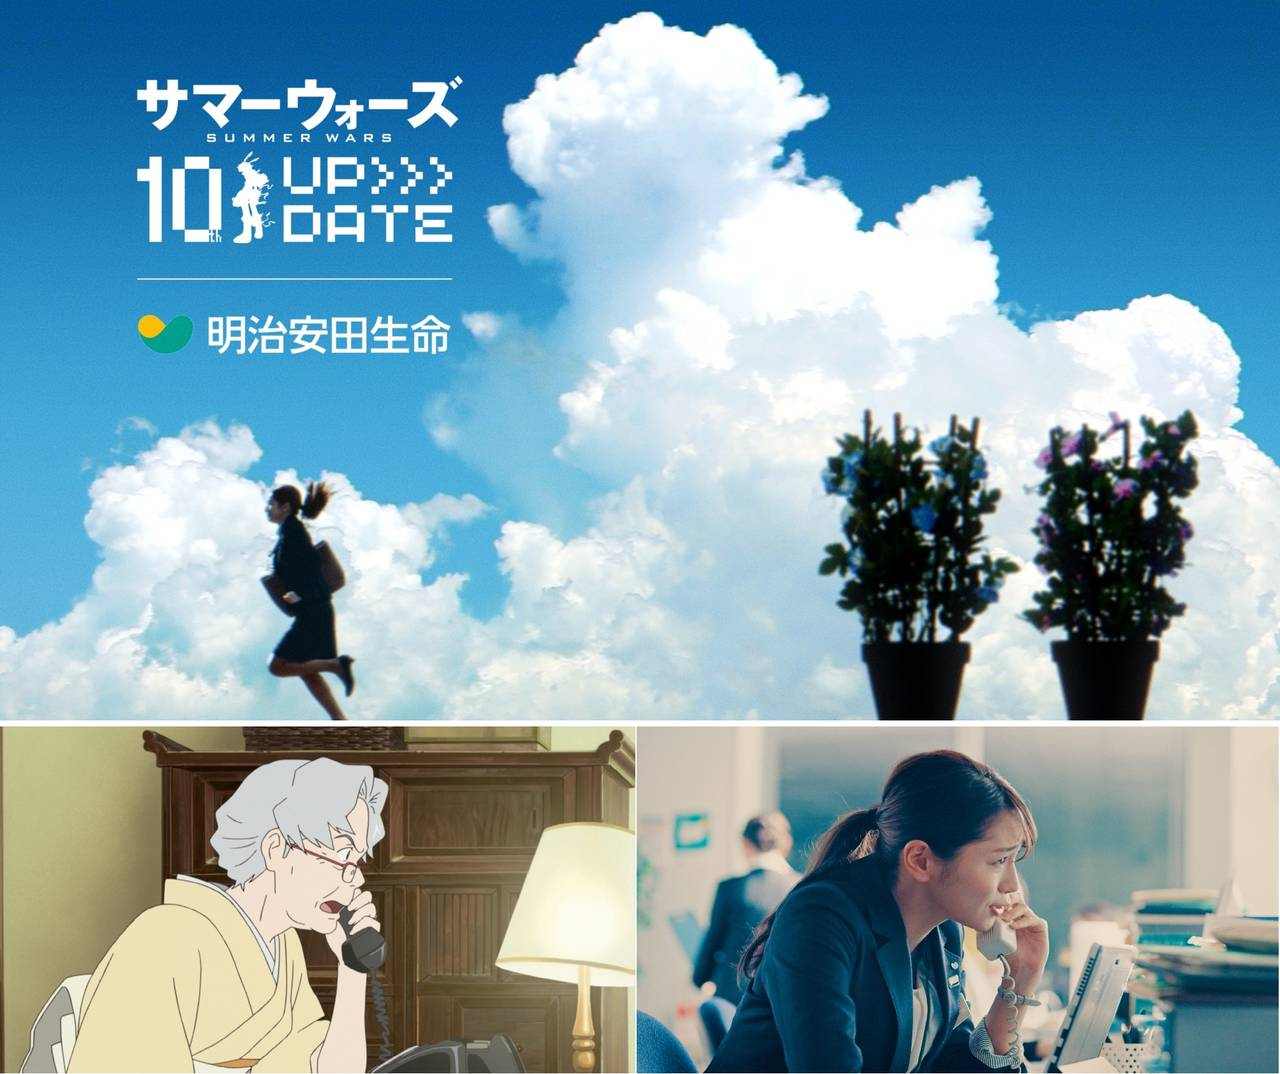 『サマーウォーズ』×明治安田生命CM1